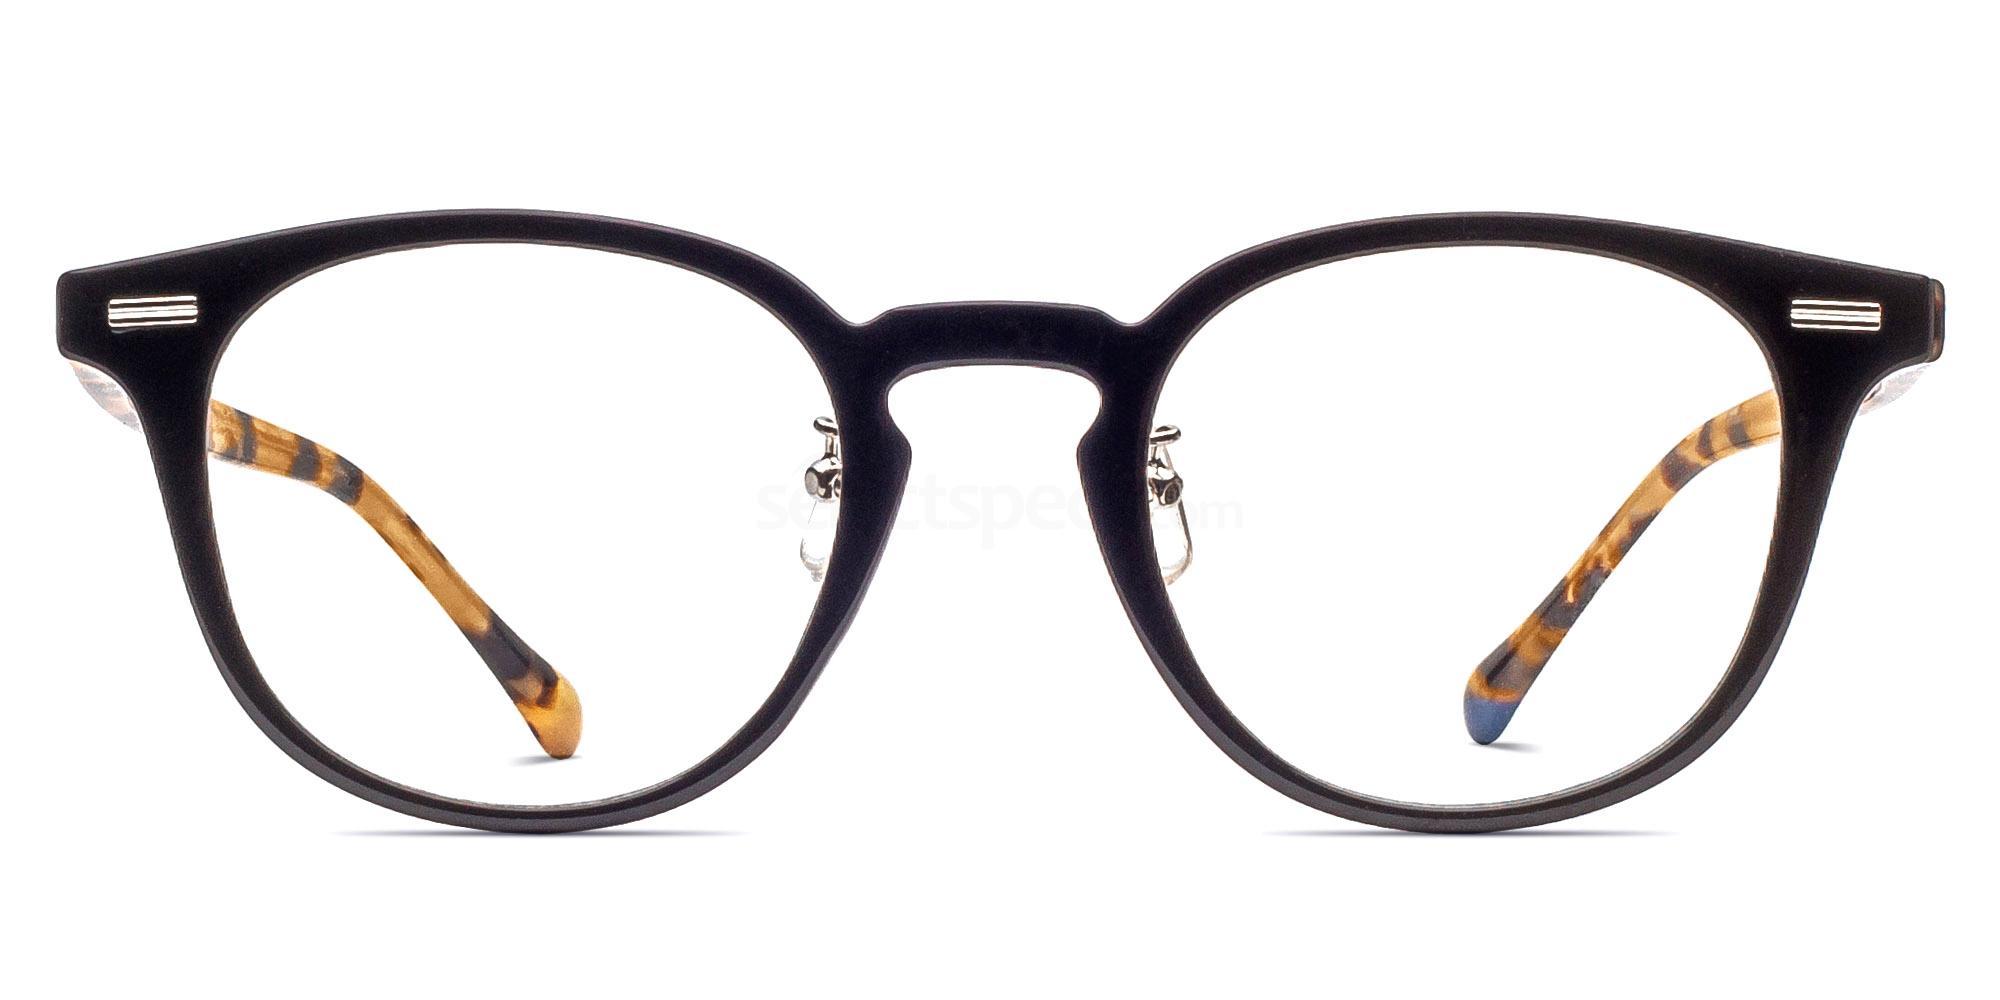 C2 KBT98309 Glasses, Infinity